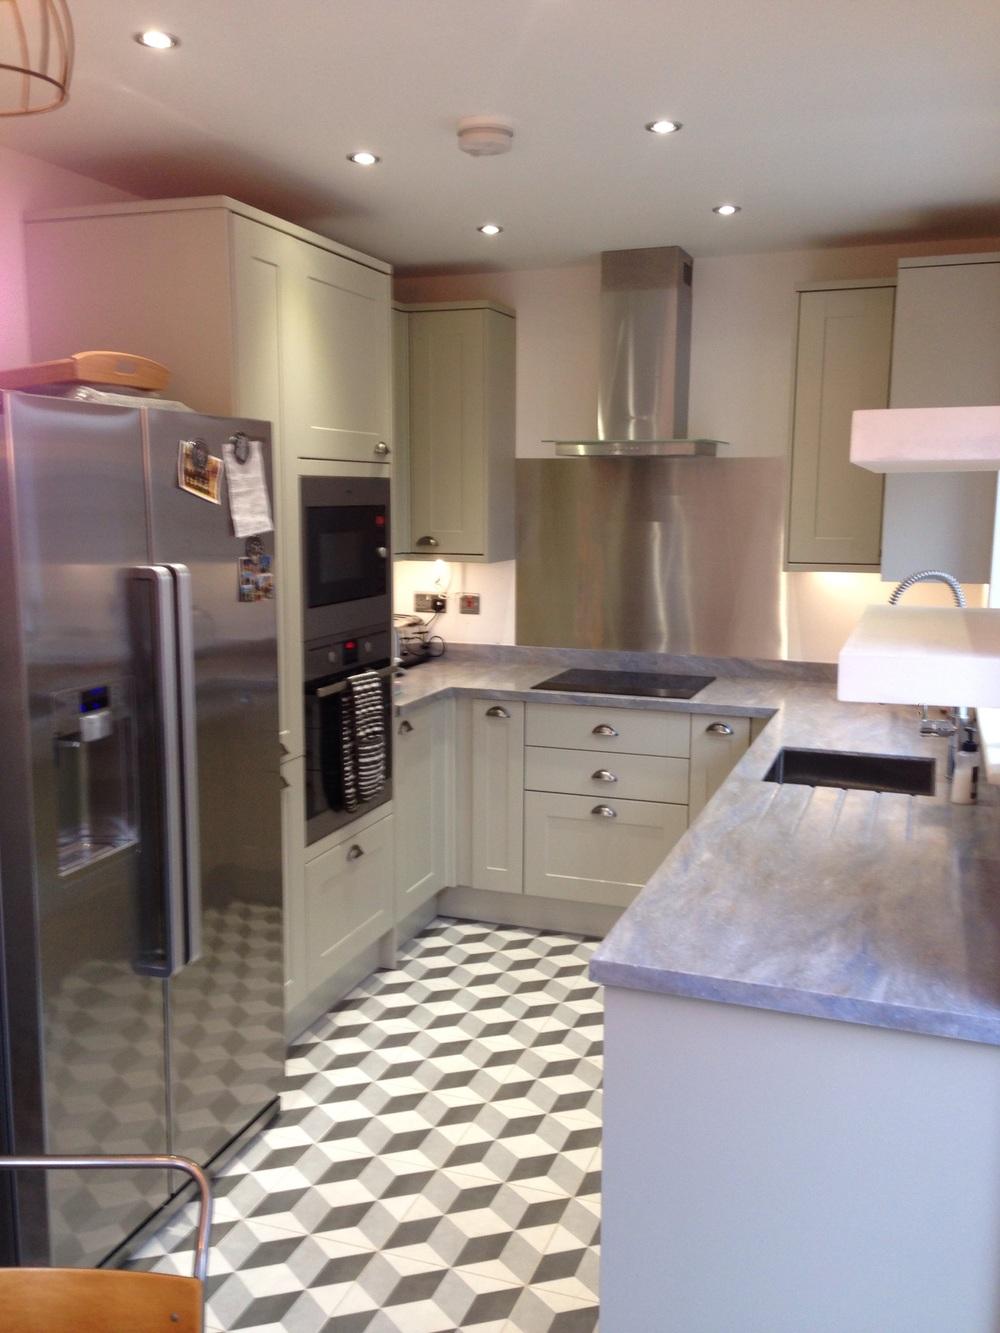 Full kitchen refurbishment.